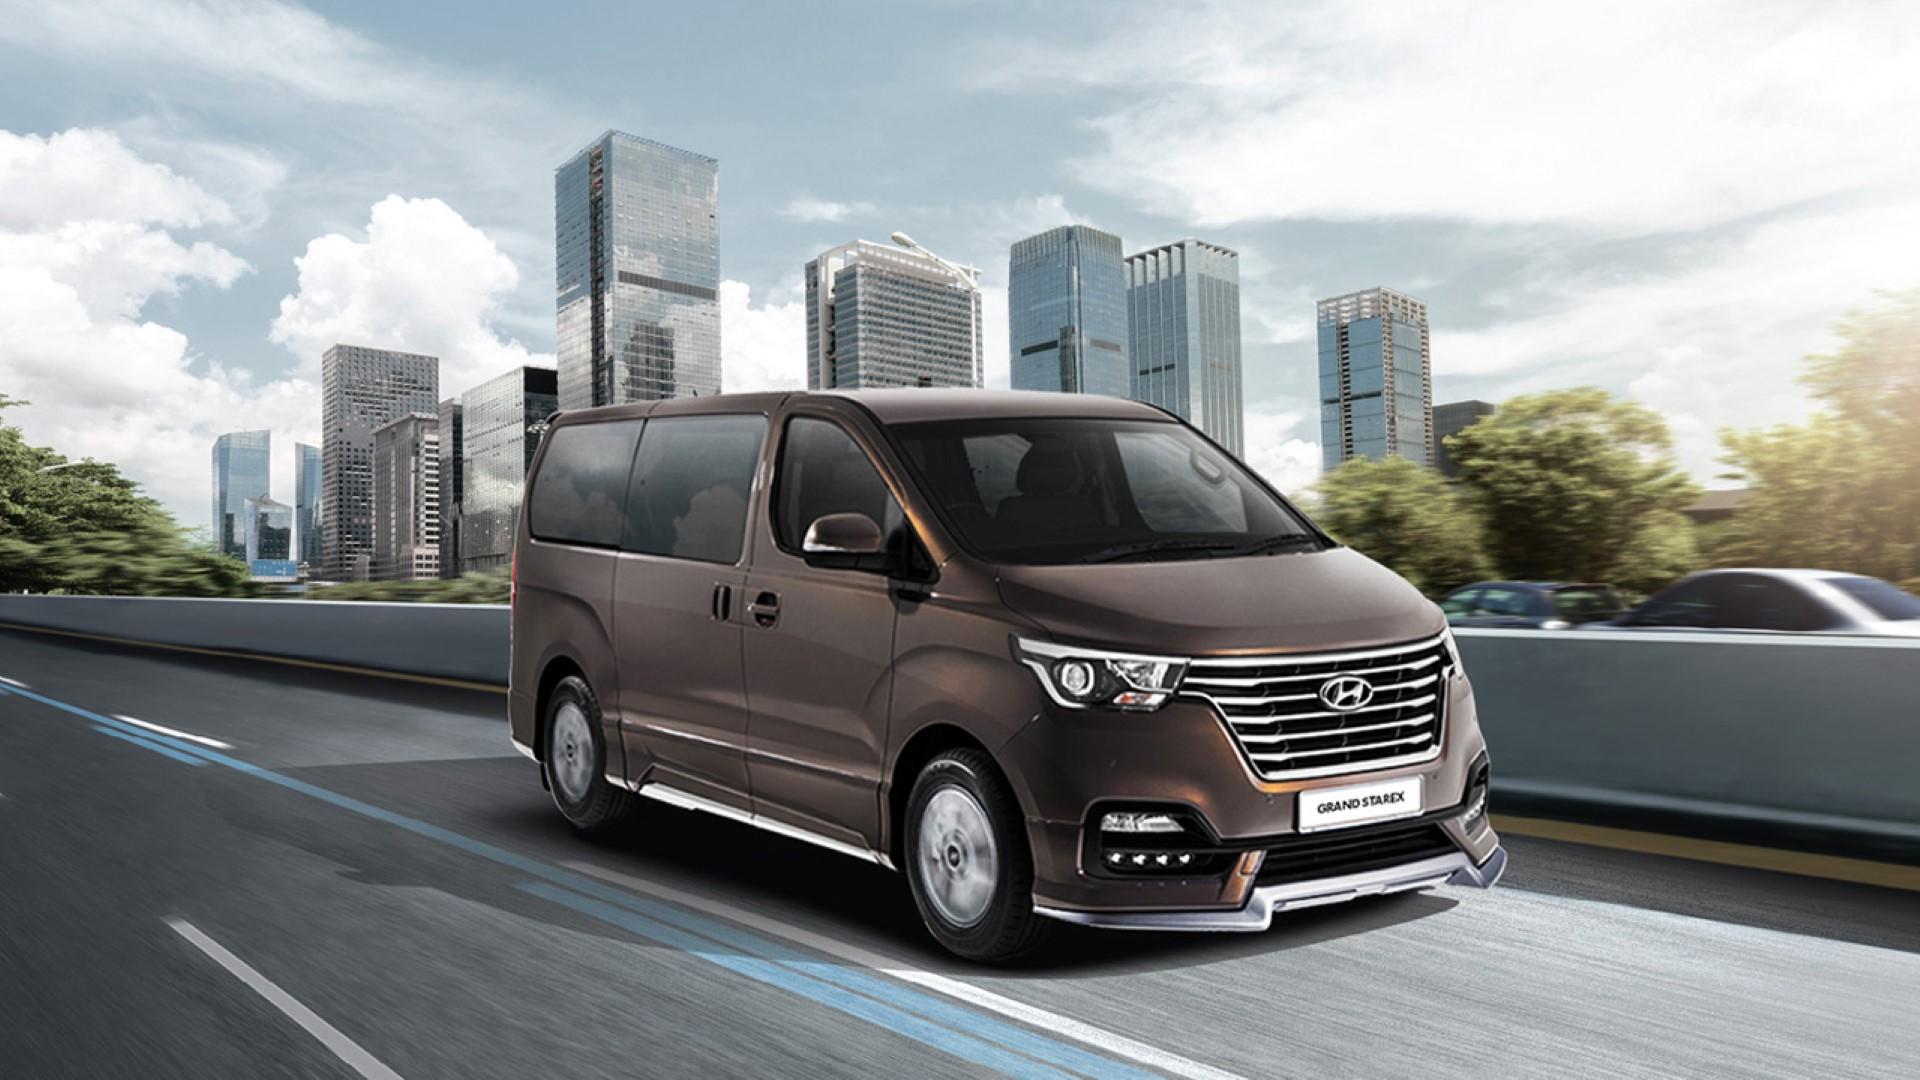 Hyundai Grand Starex Telematics